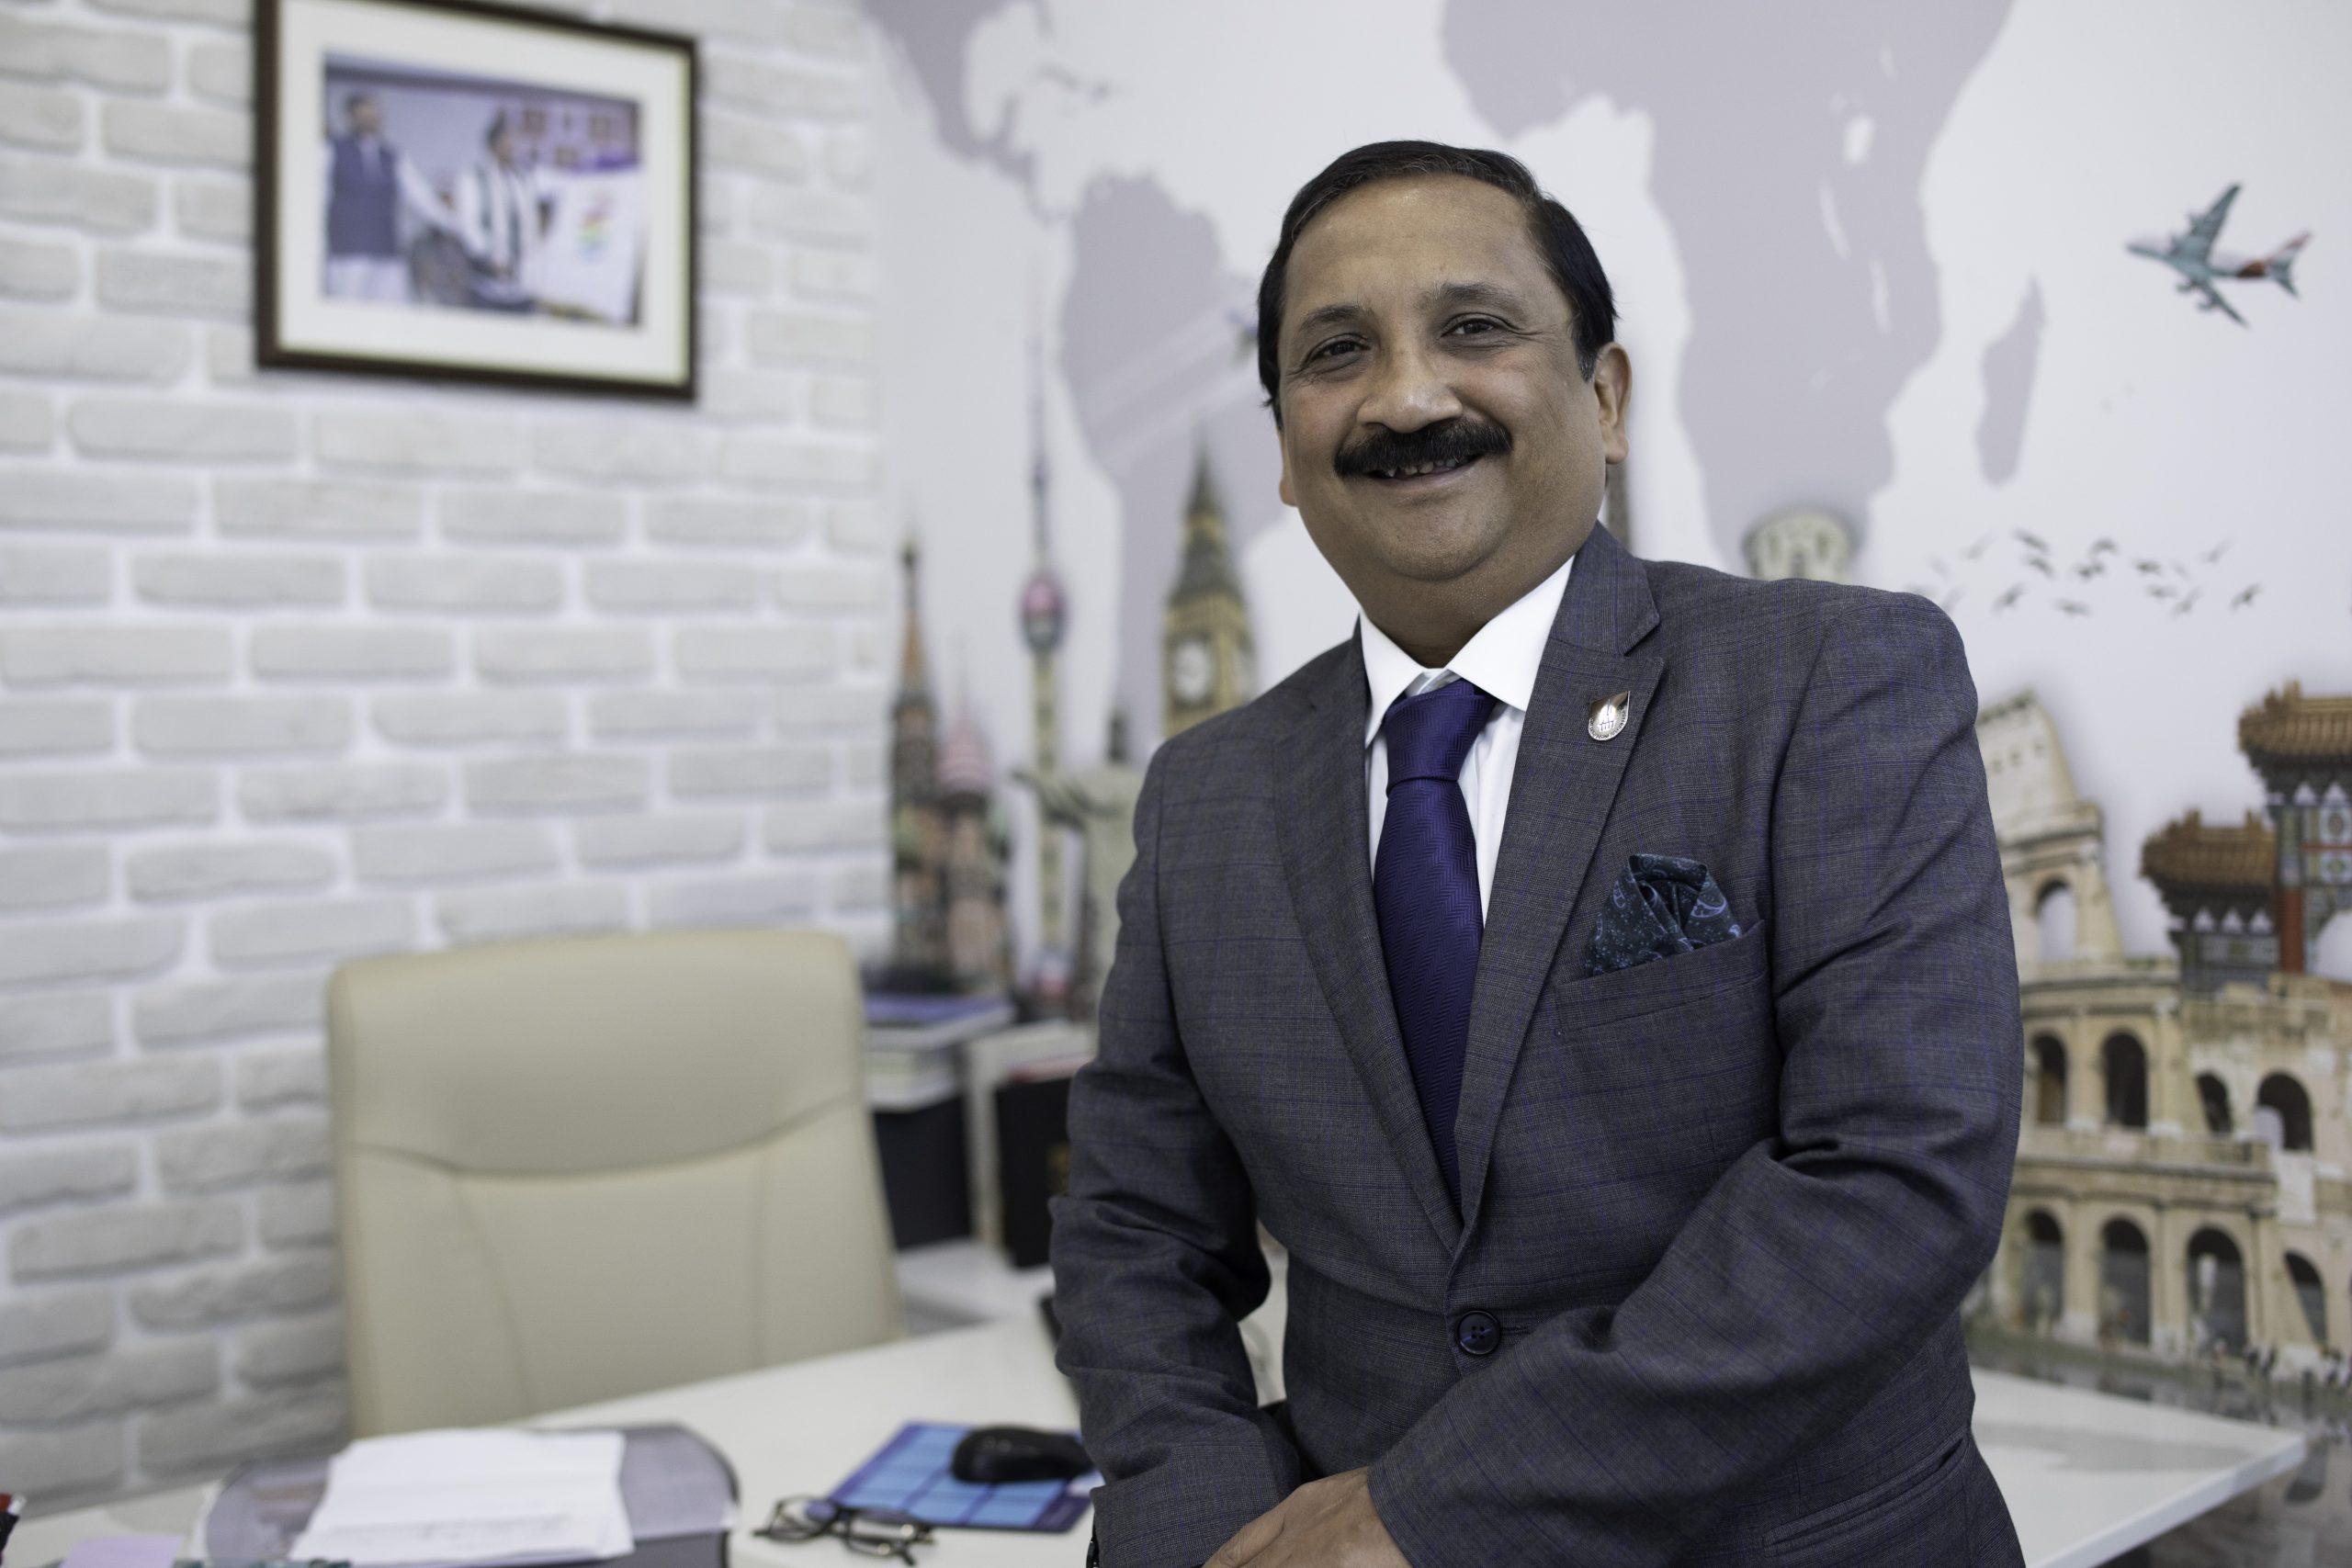 Dr Pademesh Gupta